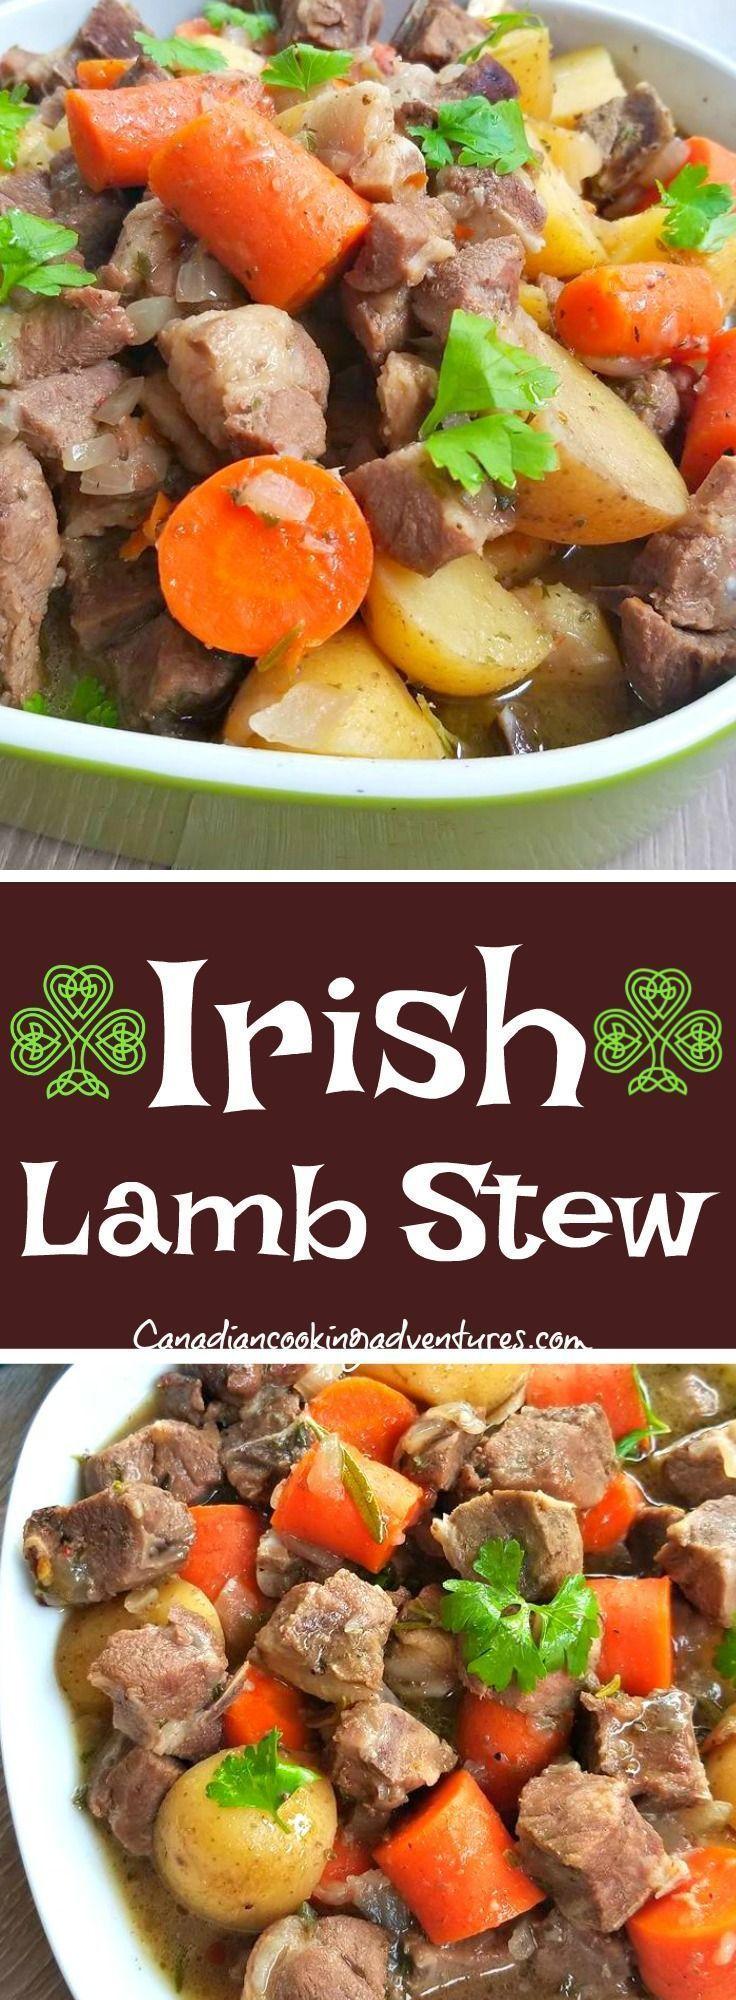 Recipes Irish Lamb Stew!!